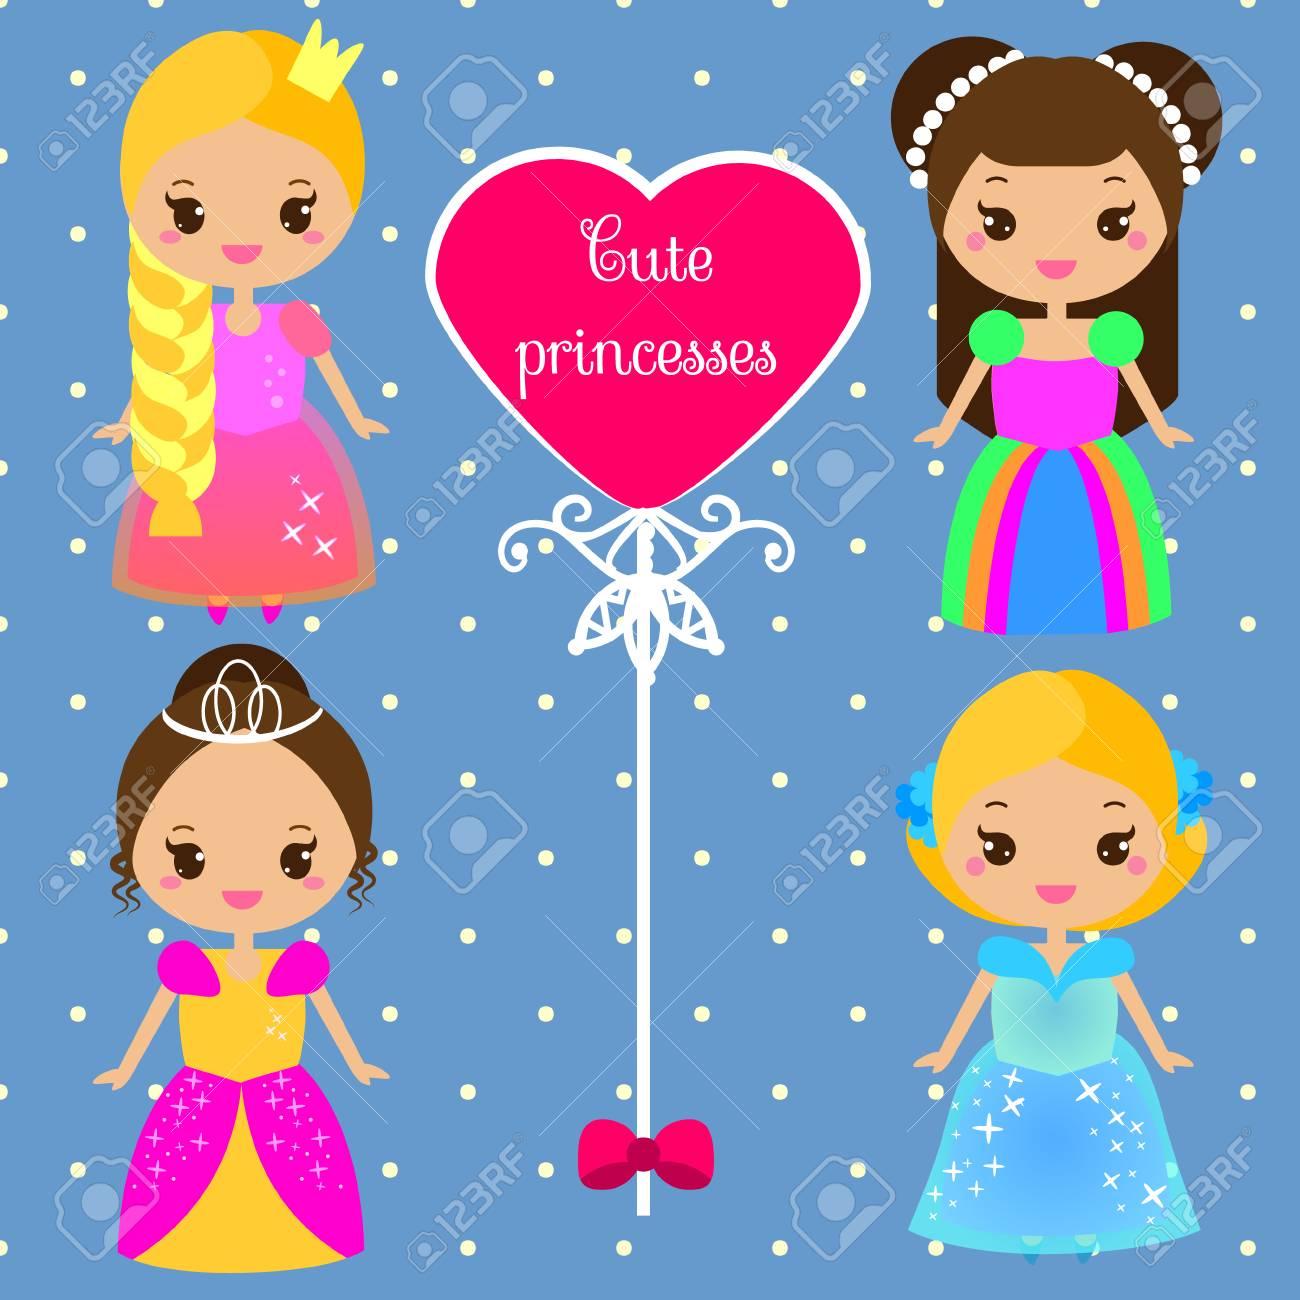 Princesses Mignonnes Dans Des Robes Colorées Dans Le Style Kawaii Filles En Costumes De Reine Collection De Vecteur De Personnages Féminins De